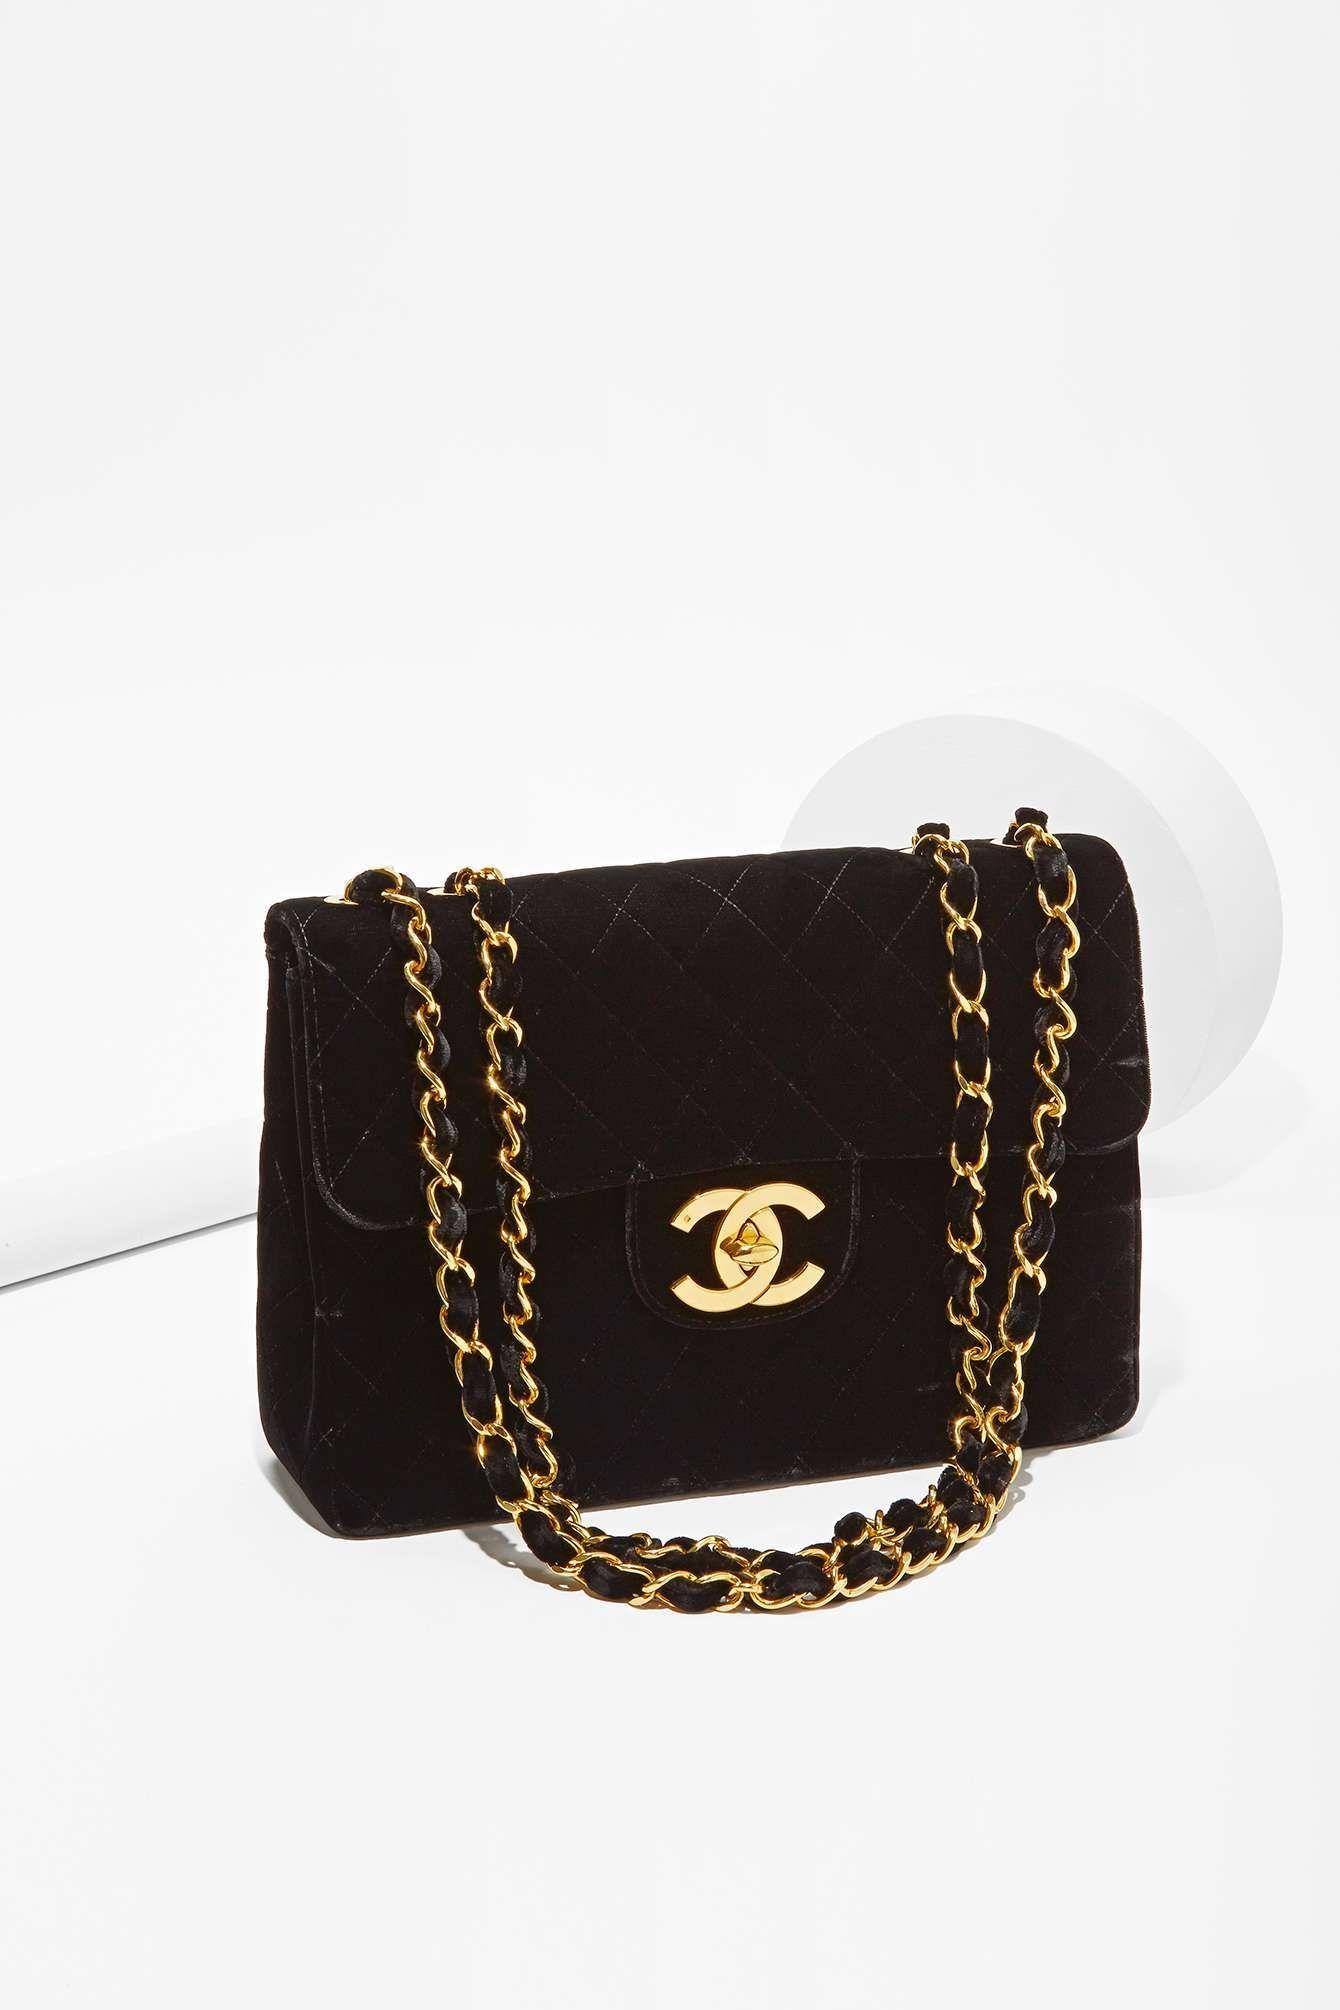 Vintage Chanel Velvet Jumbo Bag Chanel Pinterest